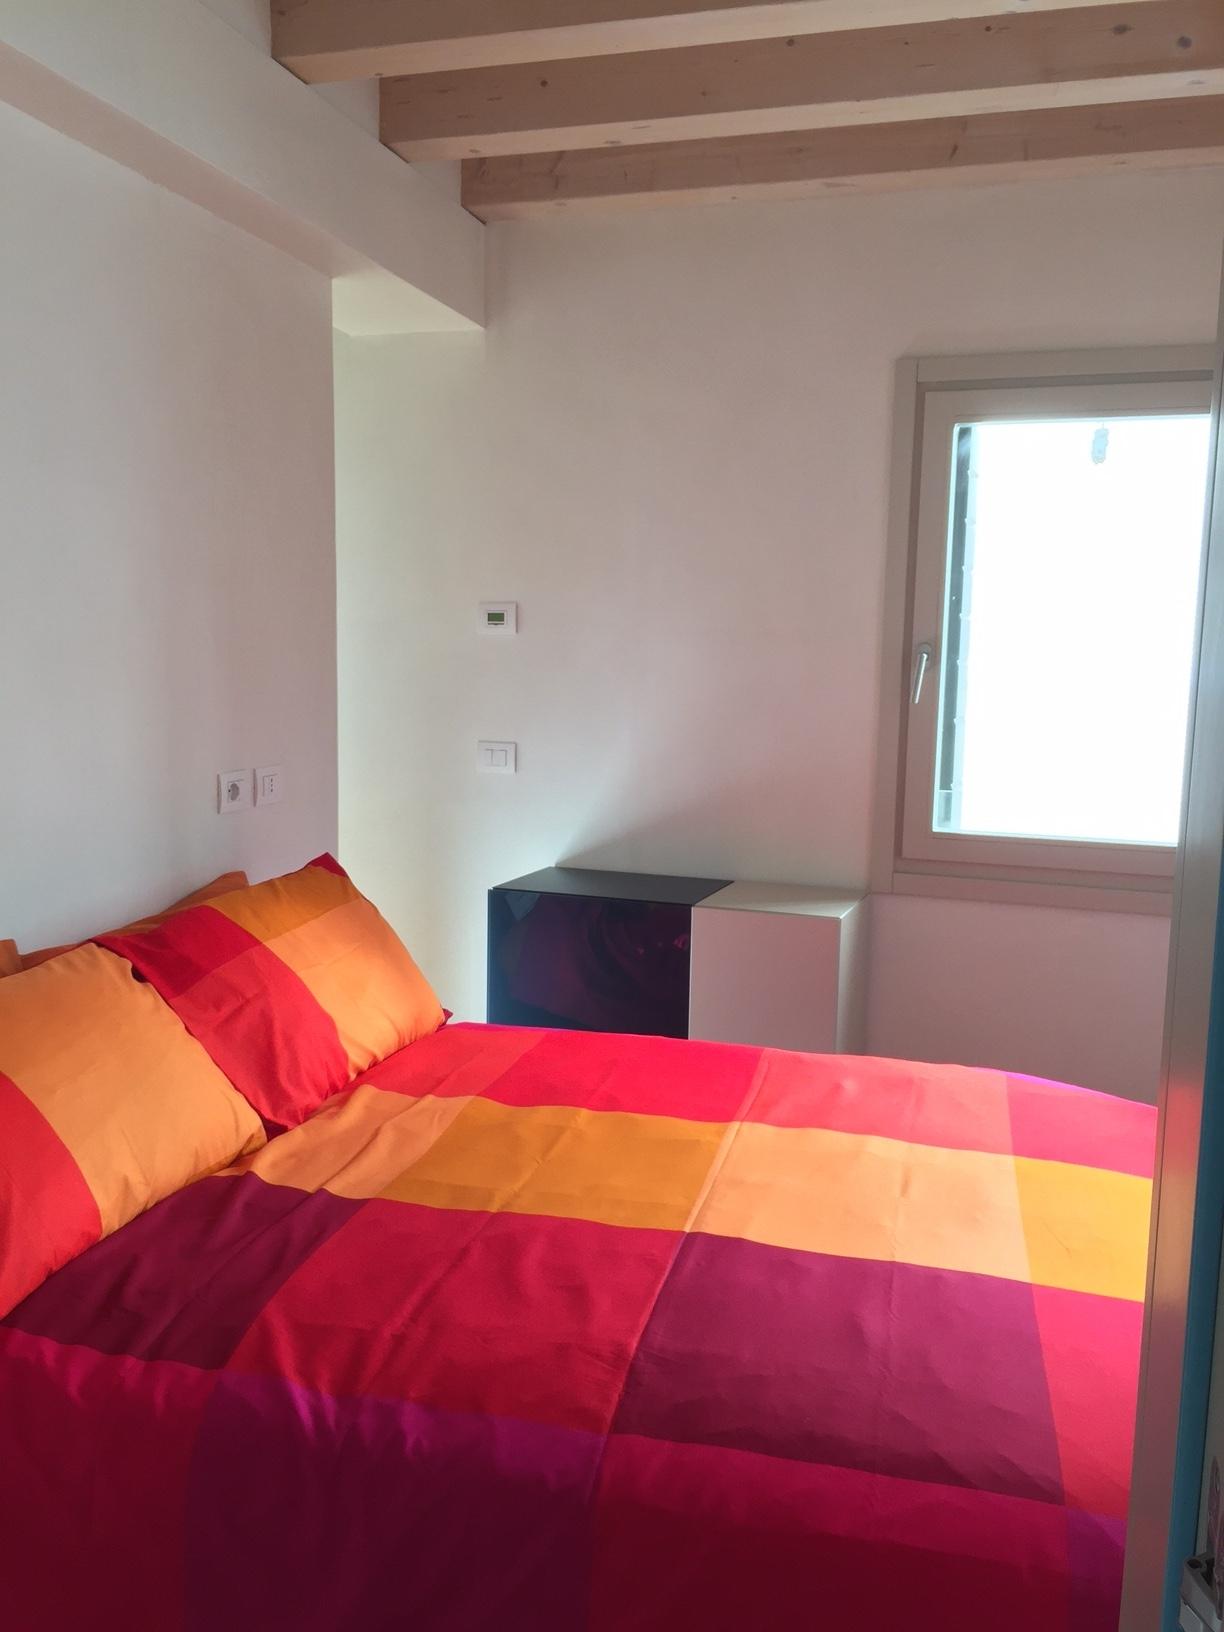 Palazzo / Stabile in vendita a Treviso, 4 locali, zona Località: Centrostorico, prezzo € 450.000 | Cambio Casa.it